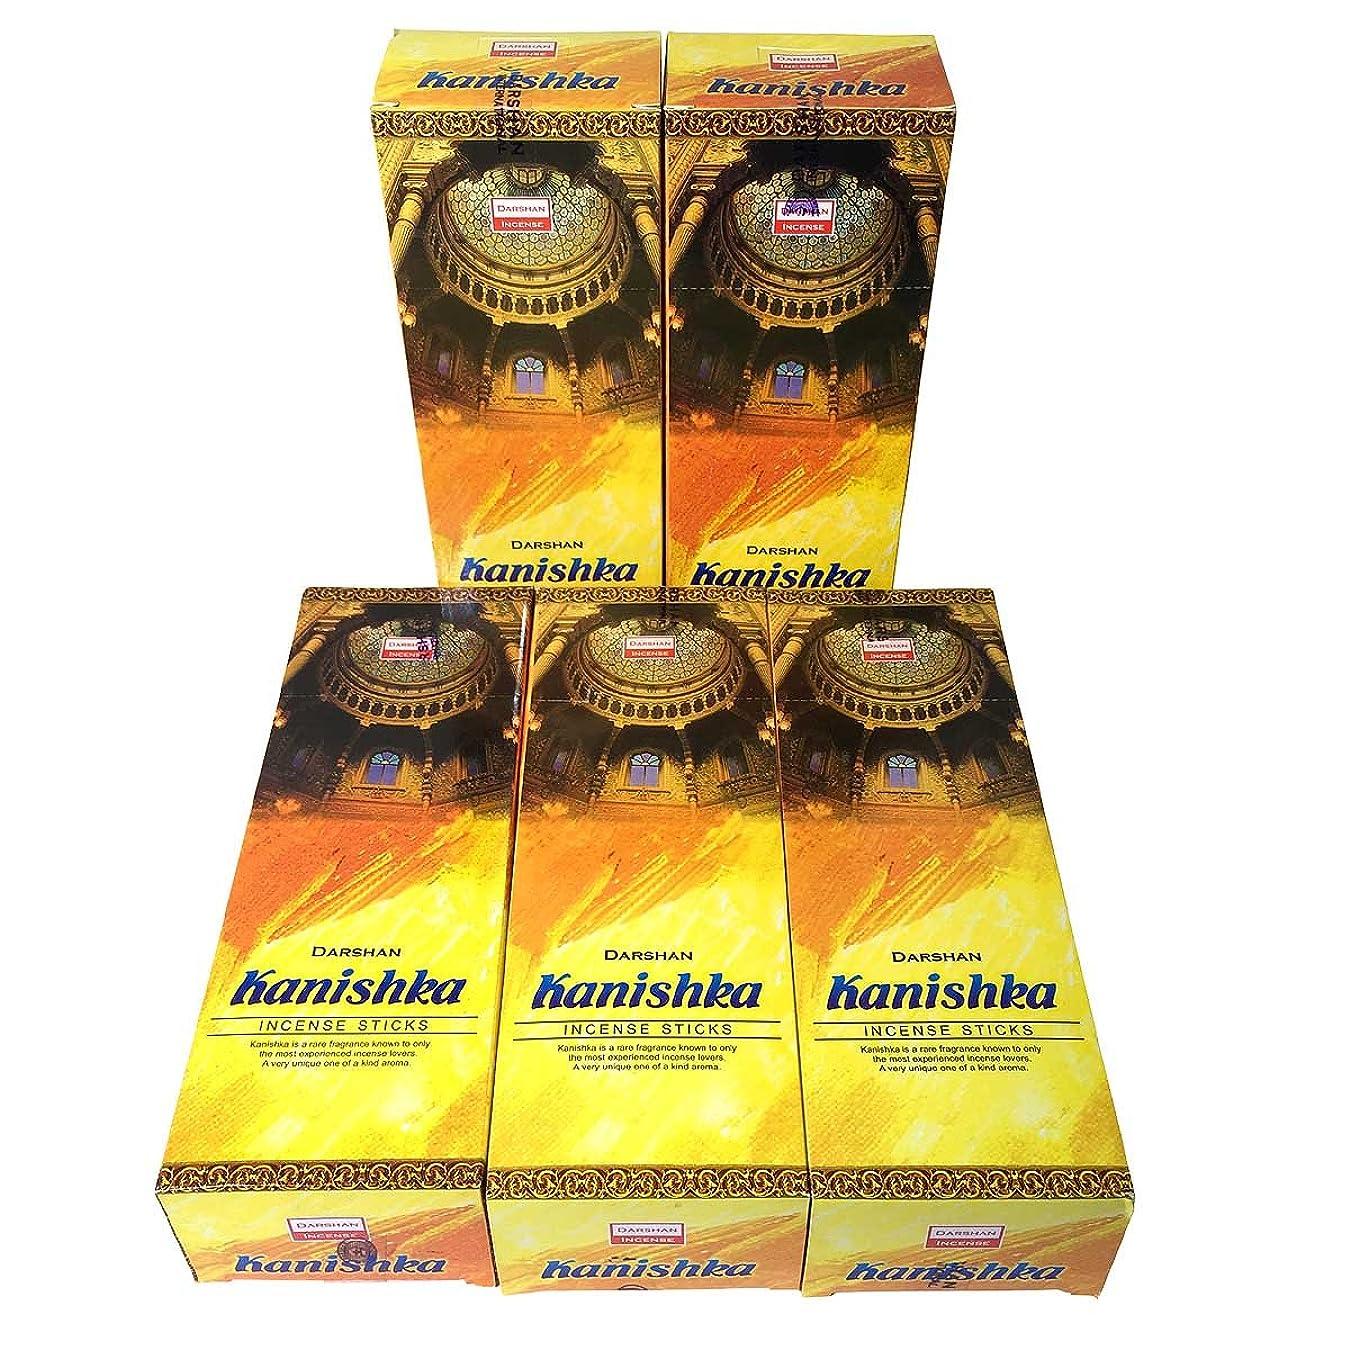 前置詞スナップなにカニシュカ香スティック 5BOX(30箱)/DARSHAN KANISHKA/ インド香 / 送料無料 [並行輸入品]